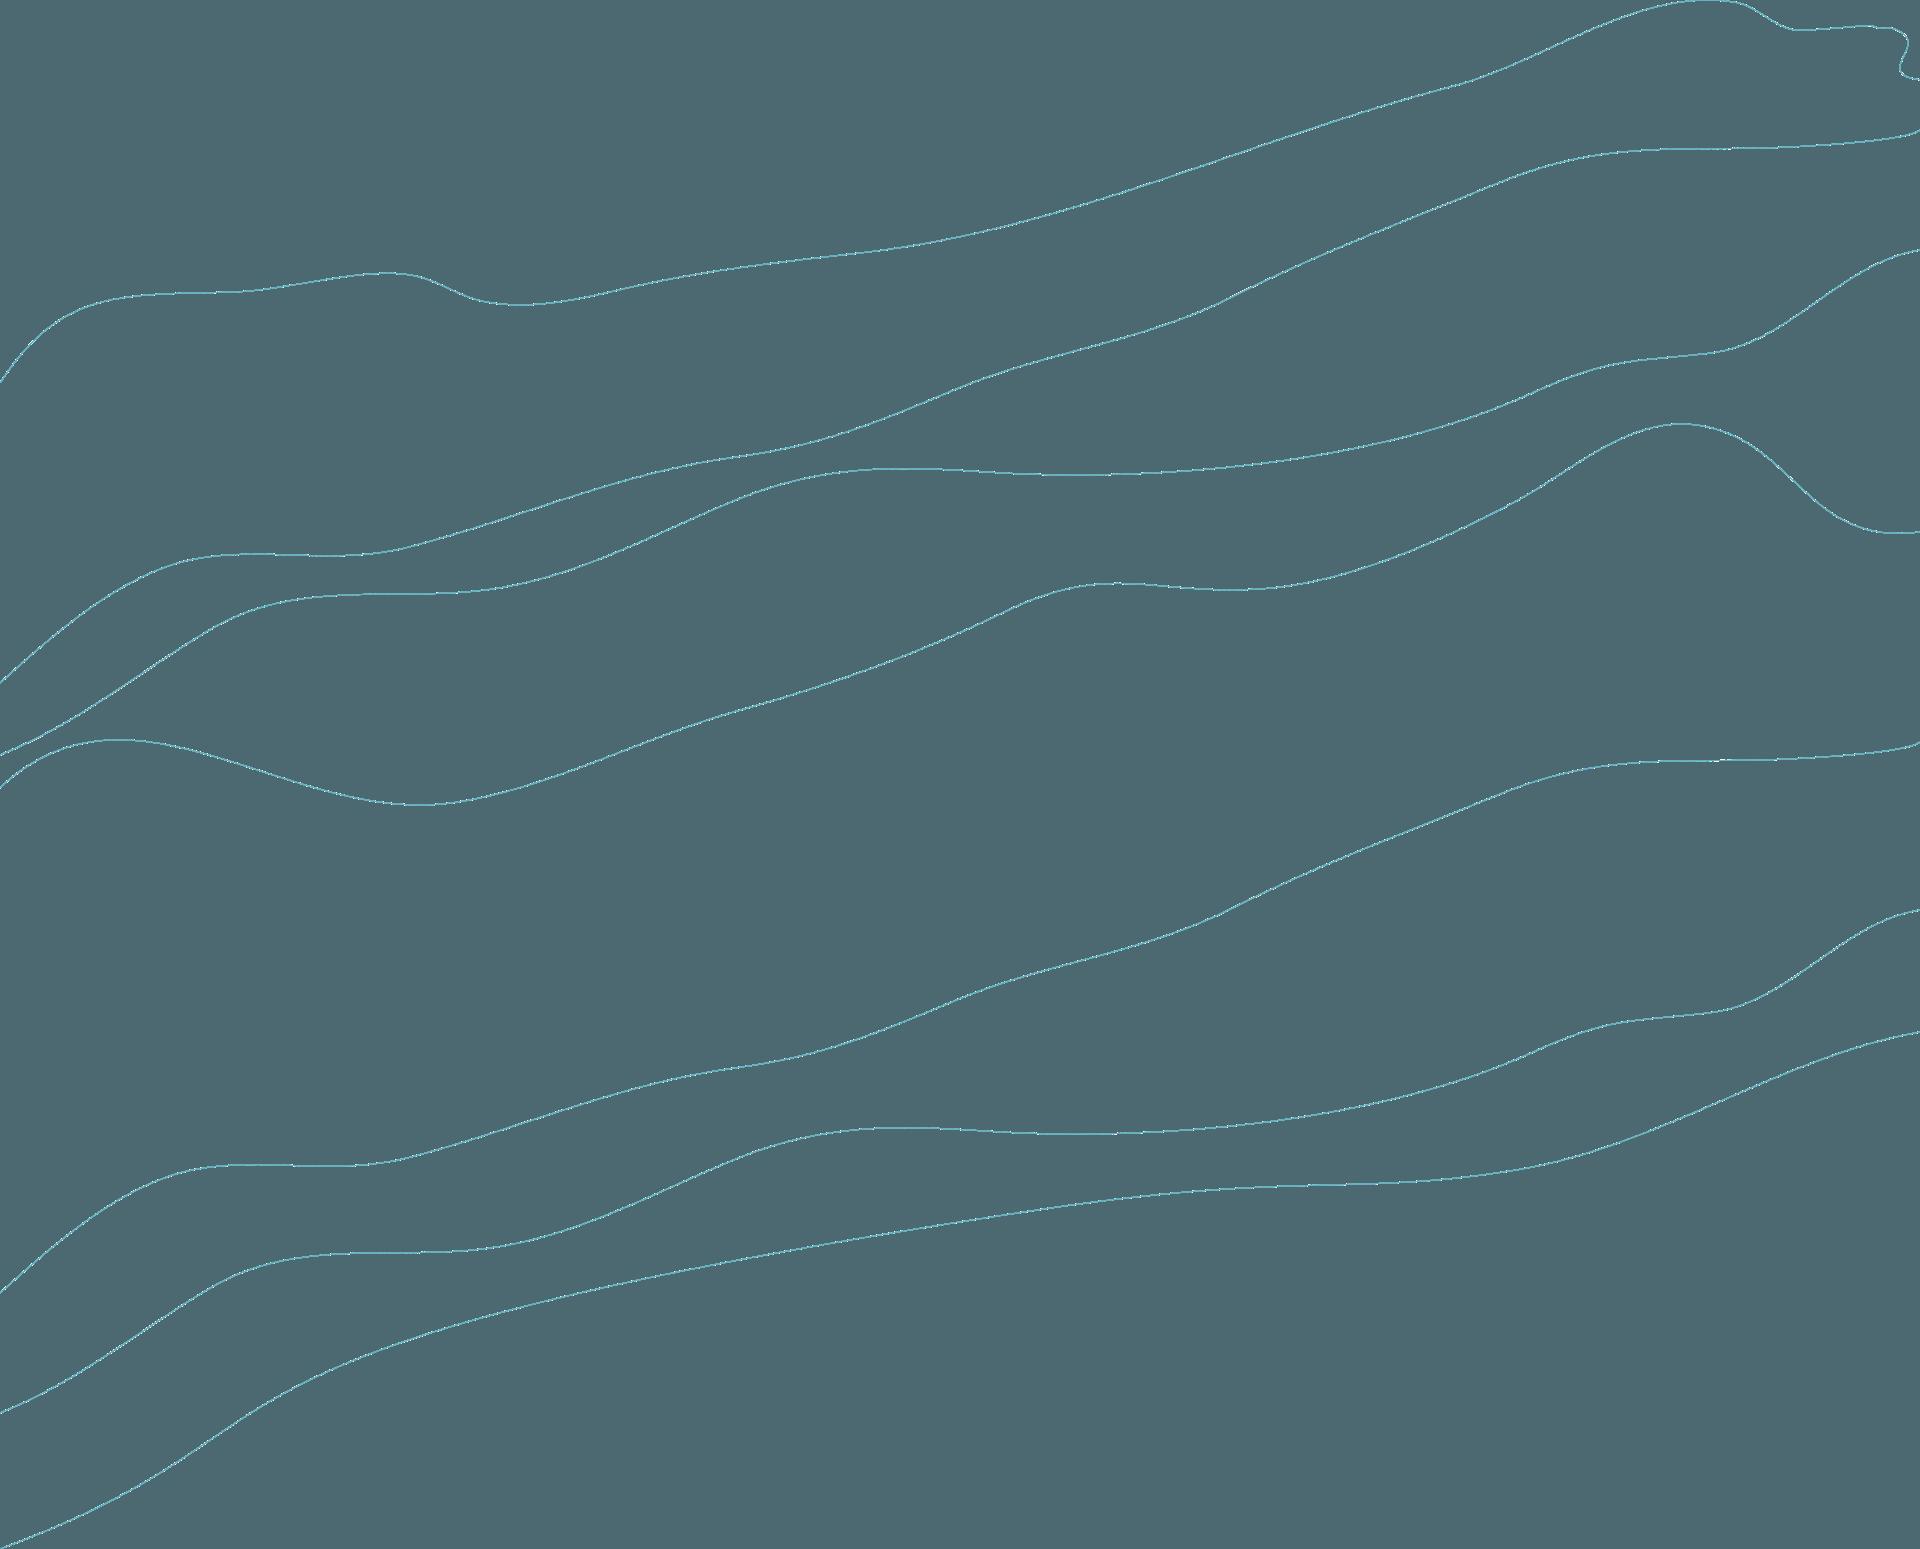 topographic line, texture